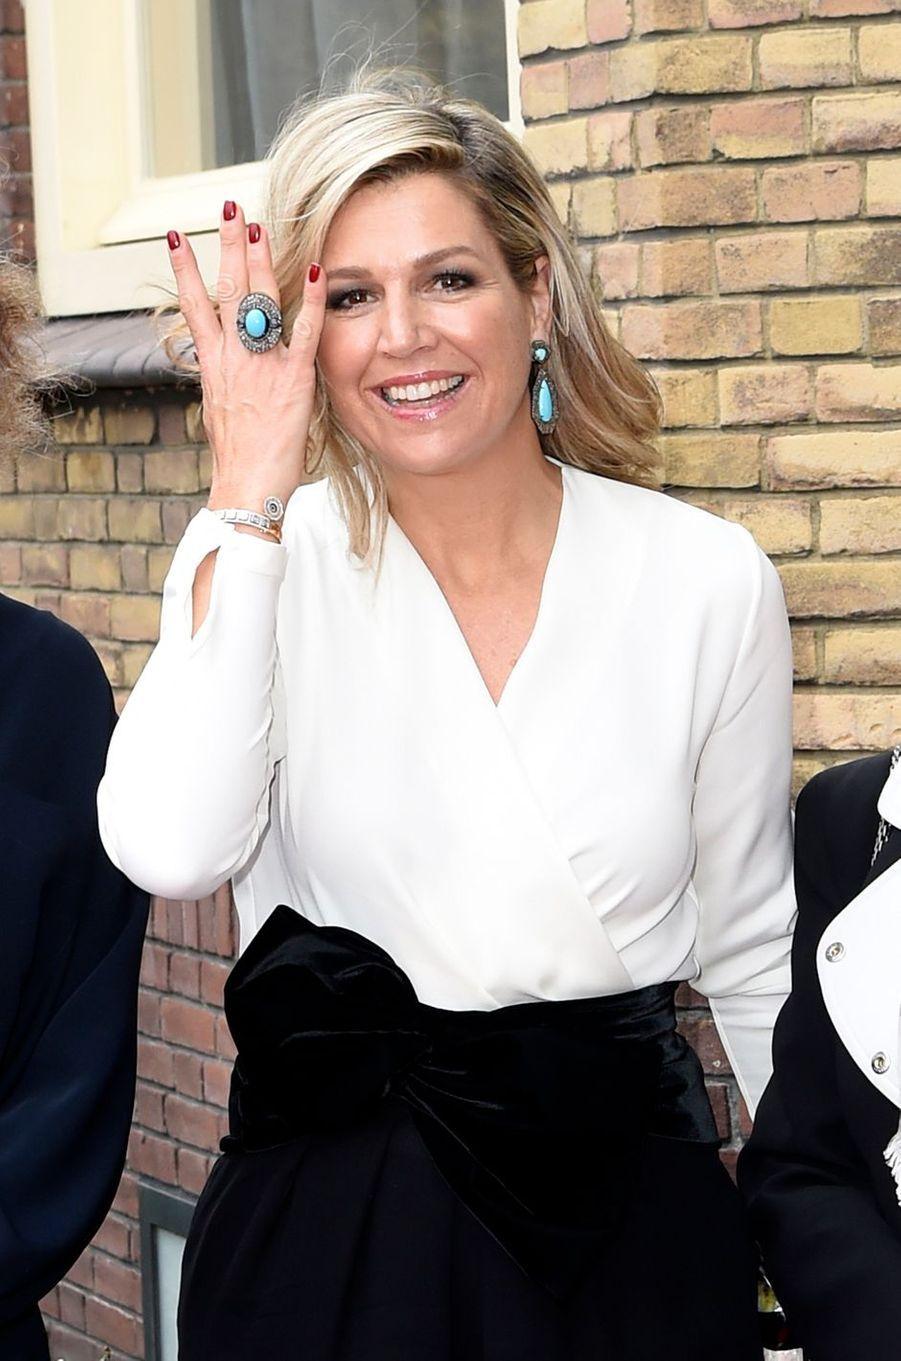 La reine Maxima des Pays-Bas à Bois-le-Duc, le 19 décembre 2018